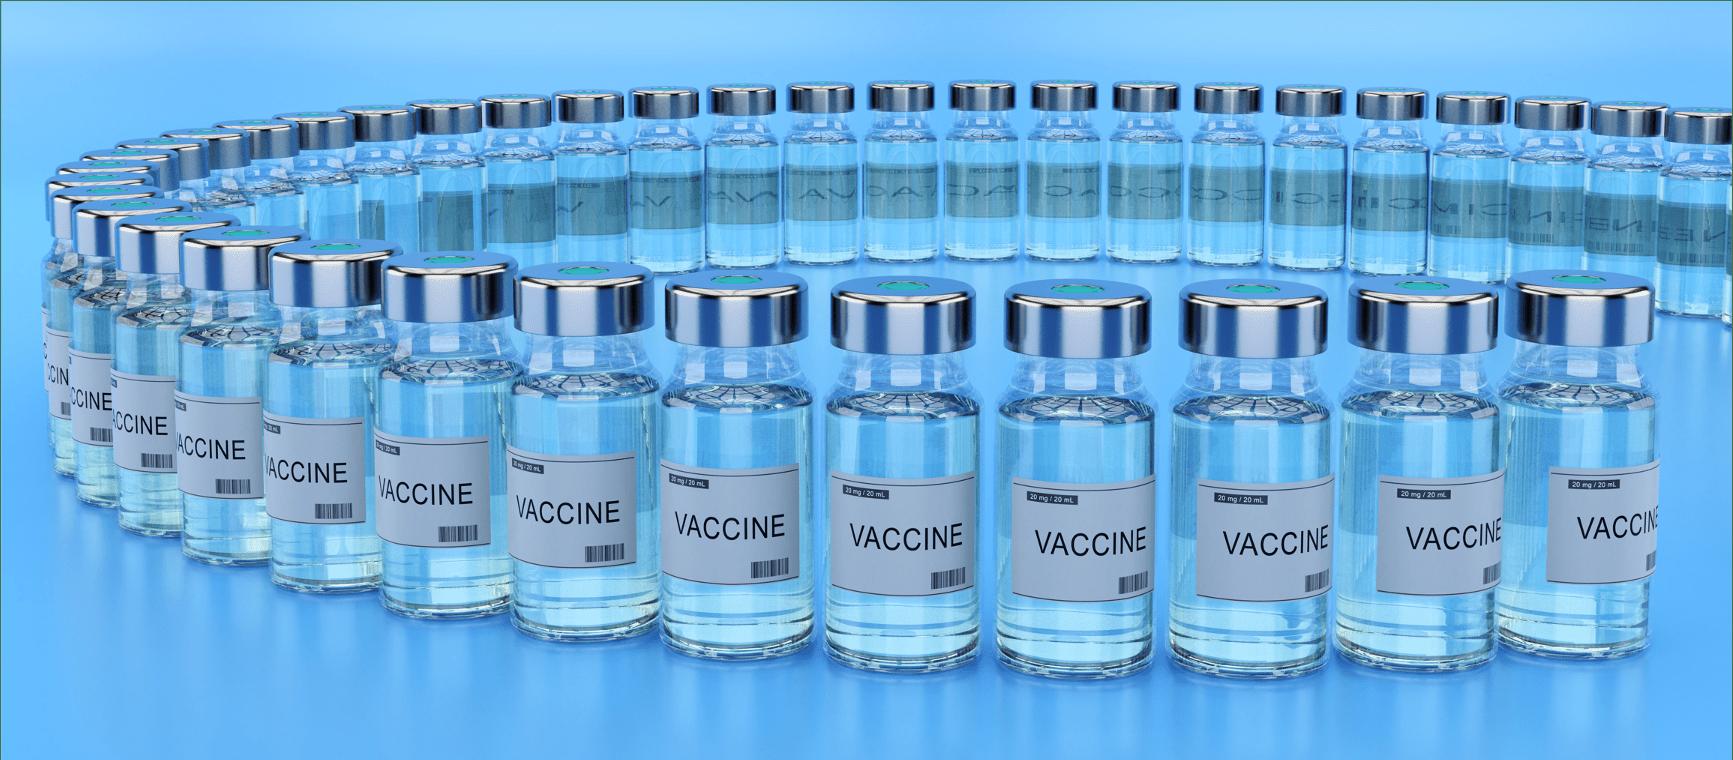 vaccini-covid:-terza-dose-anche-a-operatori-sanitari-piu'-a-rischio